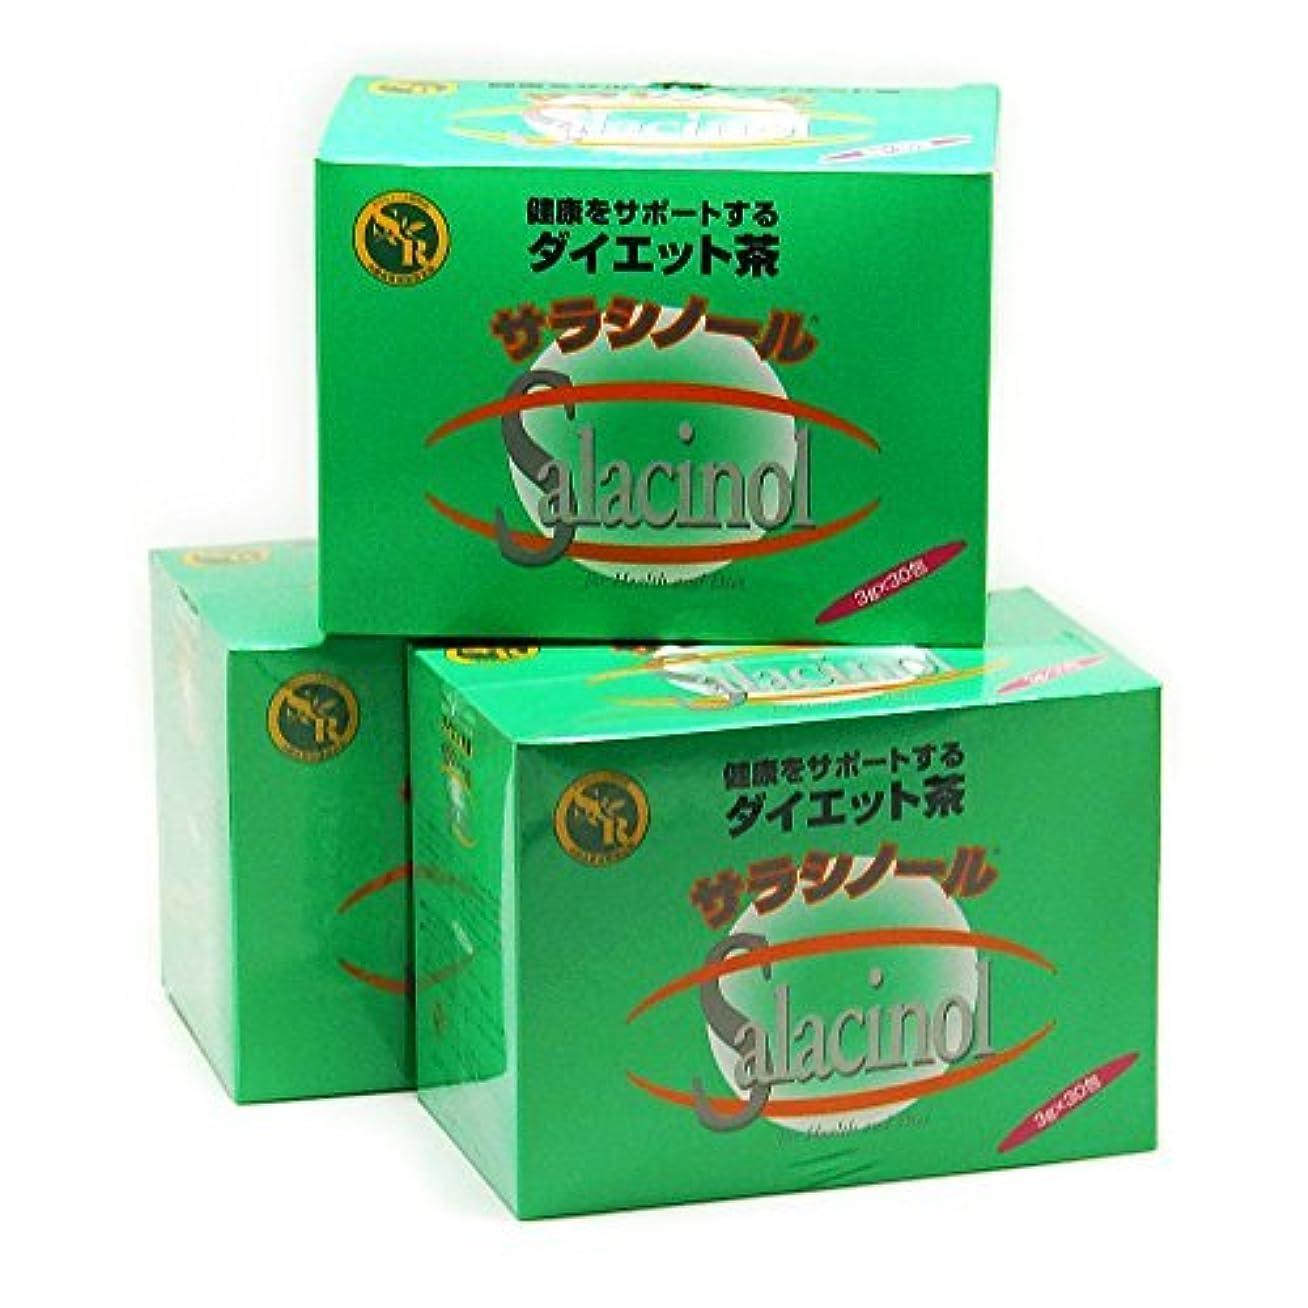 サラシノール茶3g×30包(ティーバック)3箱